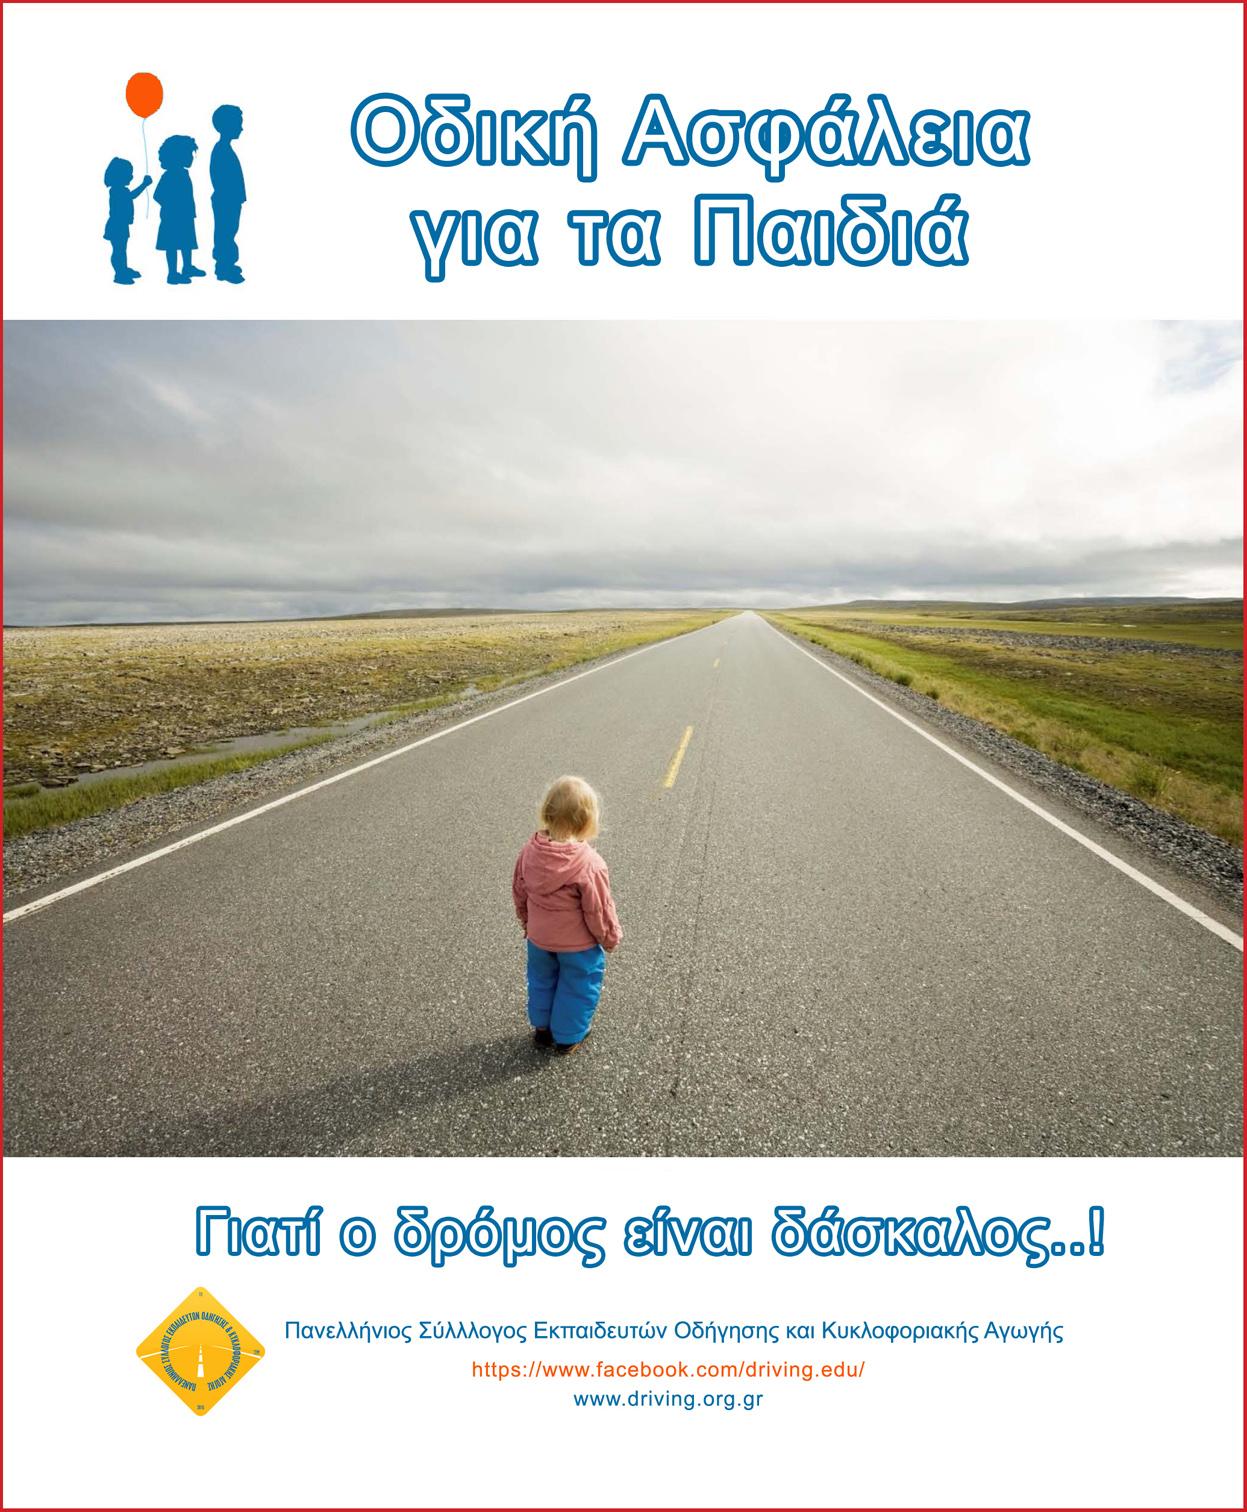 Οδική Ασφάλεια και Παιδιά